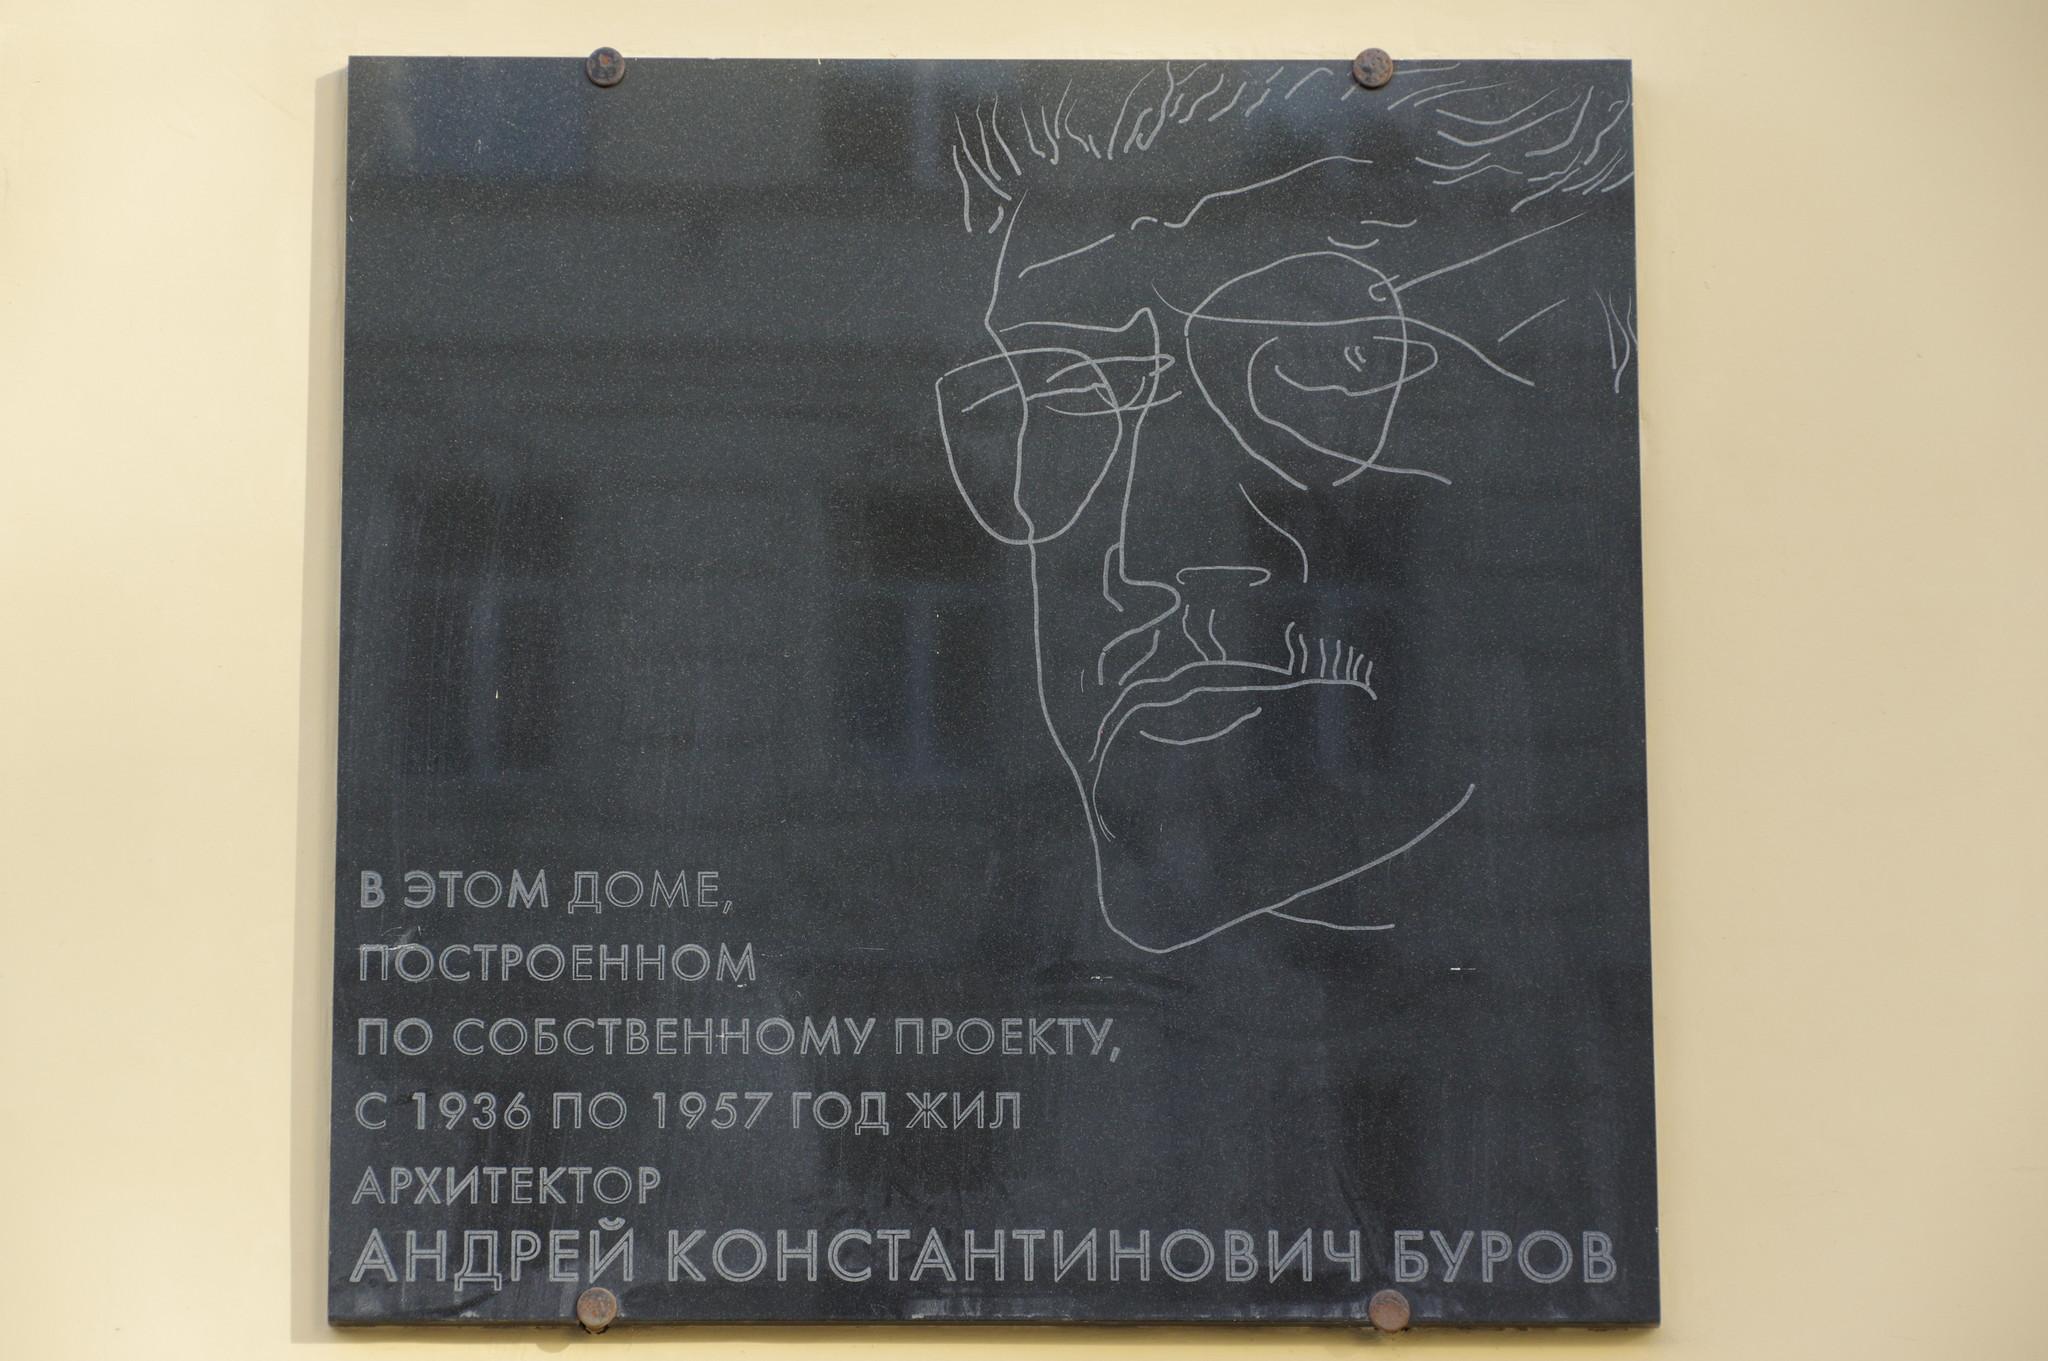 Мемориальная доска в память о выдающемся архитекторе и инженере-изобретателе Андрее Константиновиче Бурове (Тверская улица, дом 25/12, строение 1)